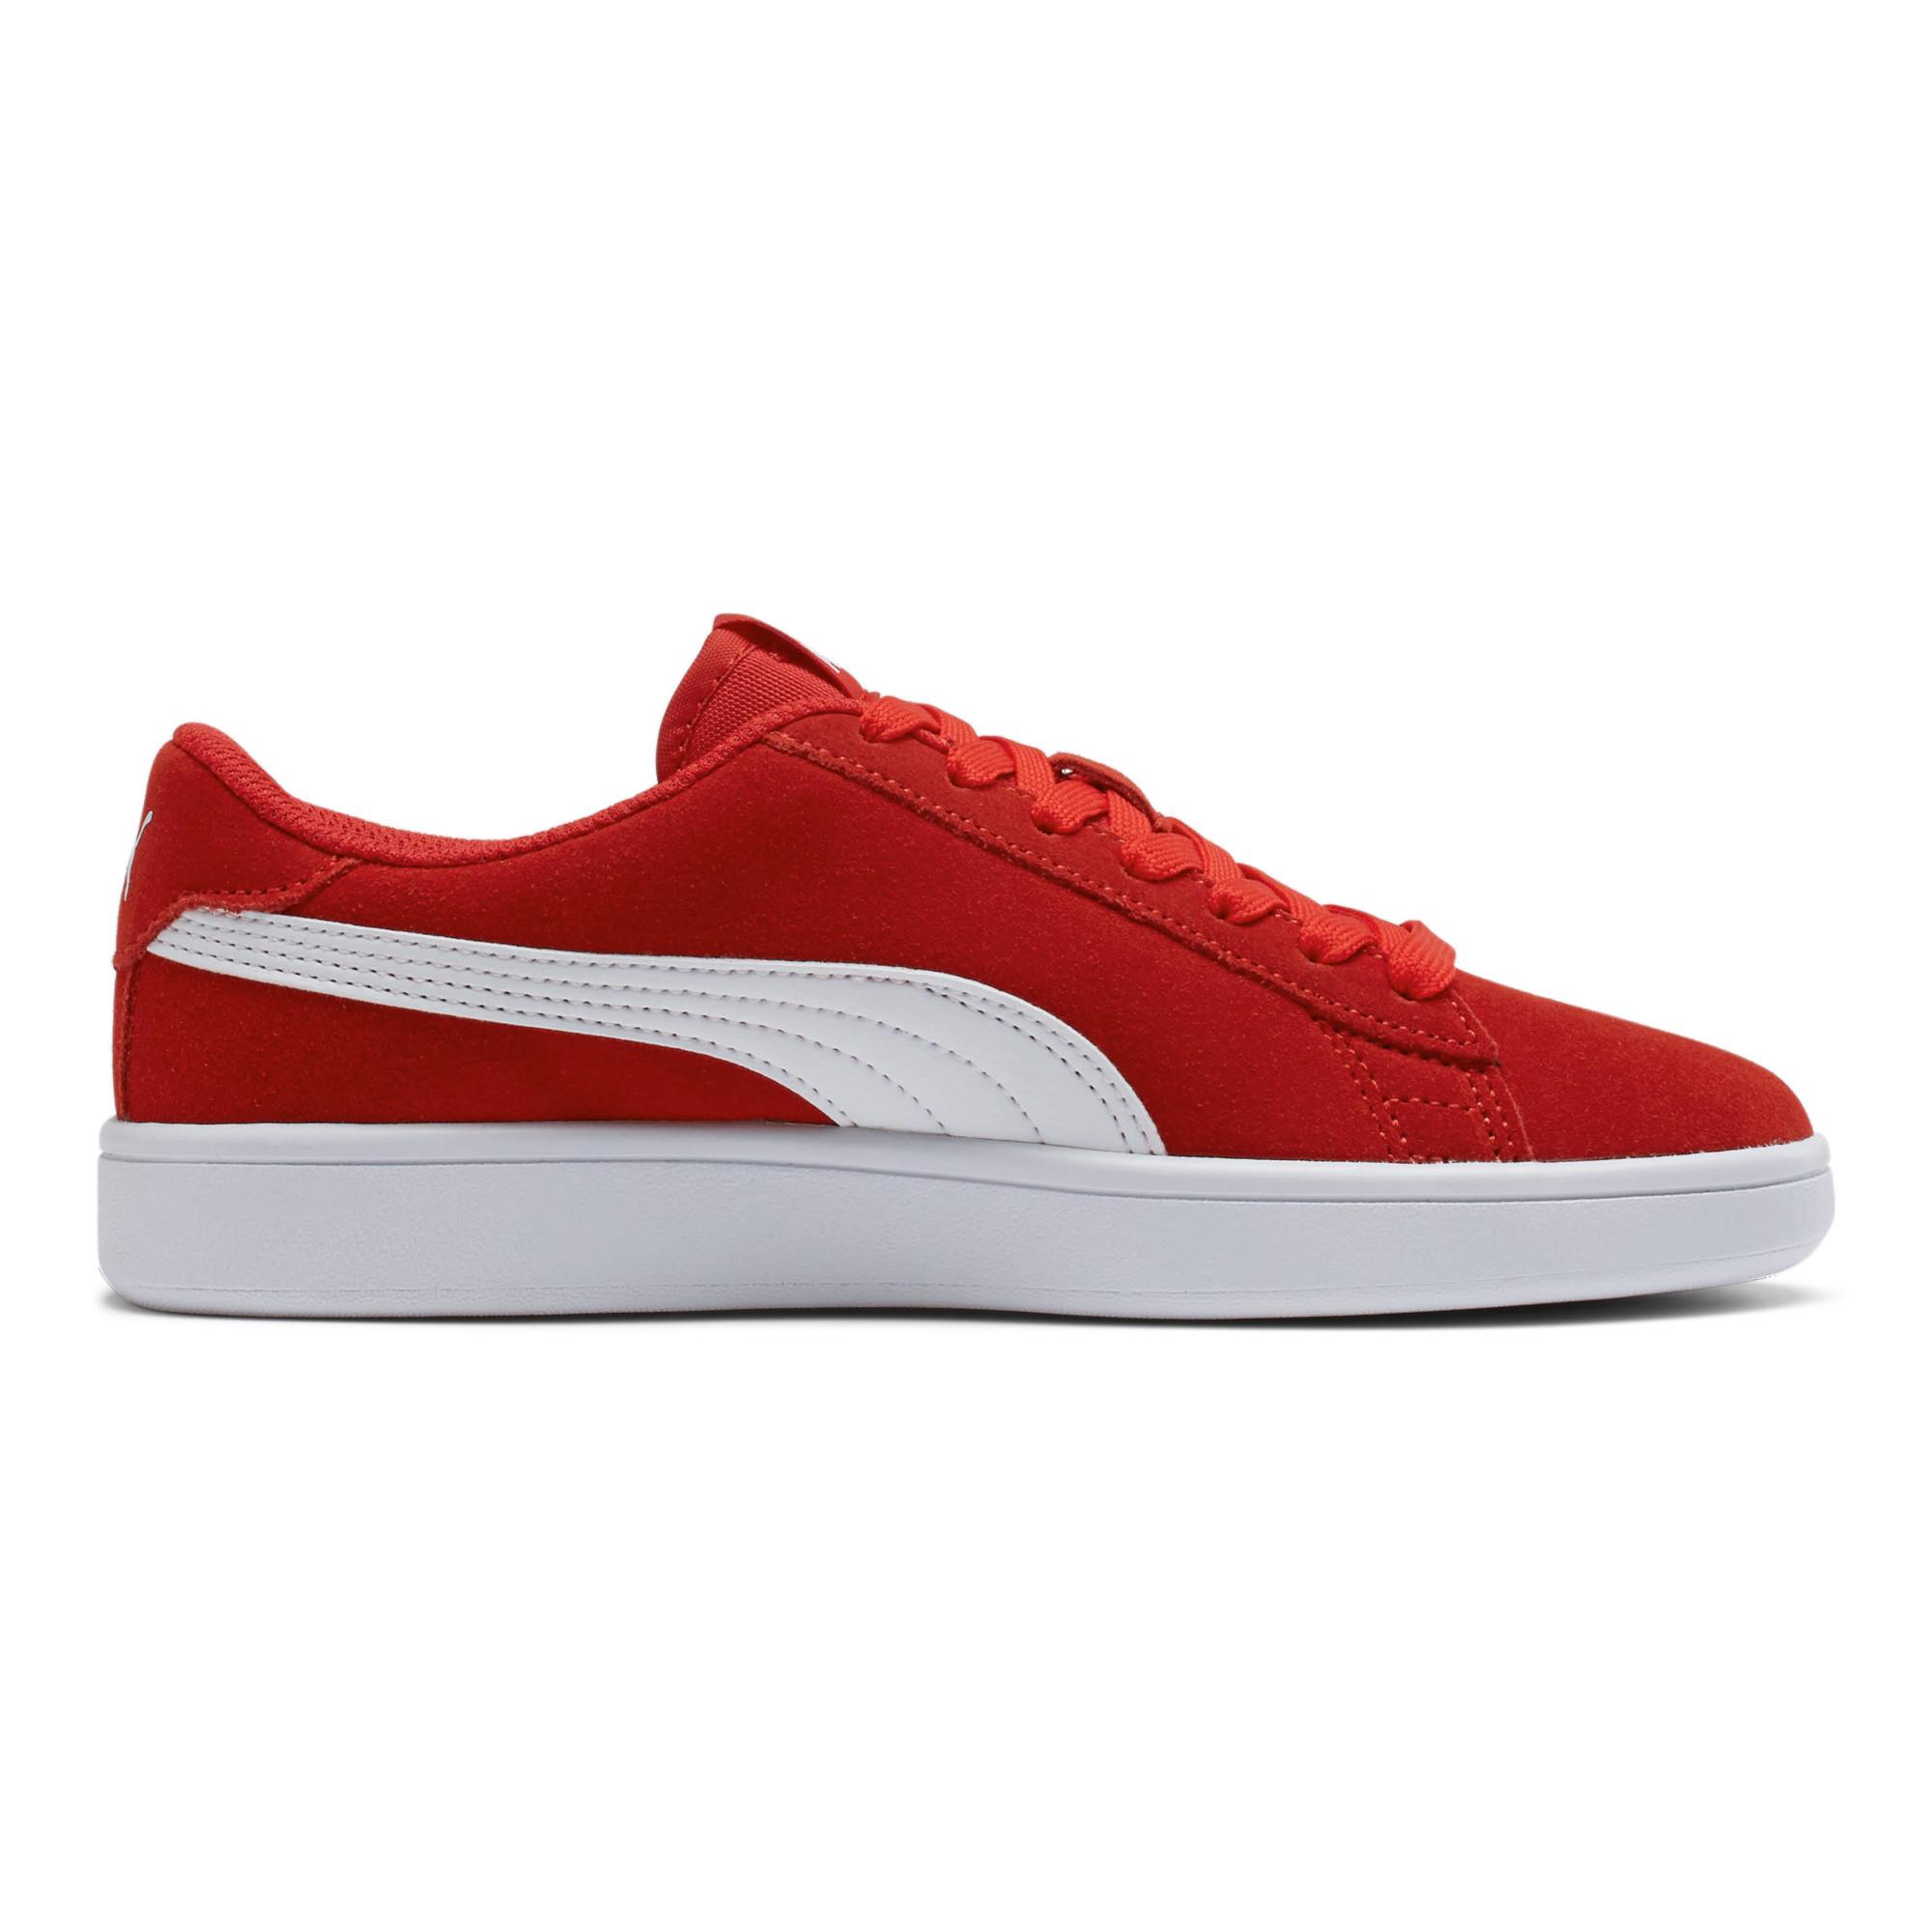 miniature 11 - Puma Junior Smash v2 Suede Sneakers